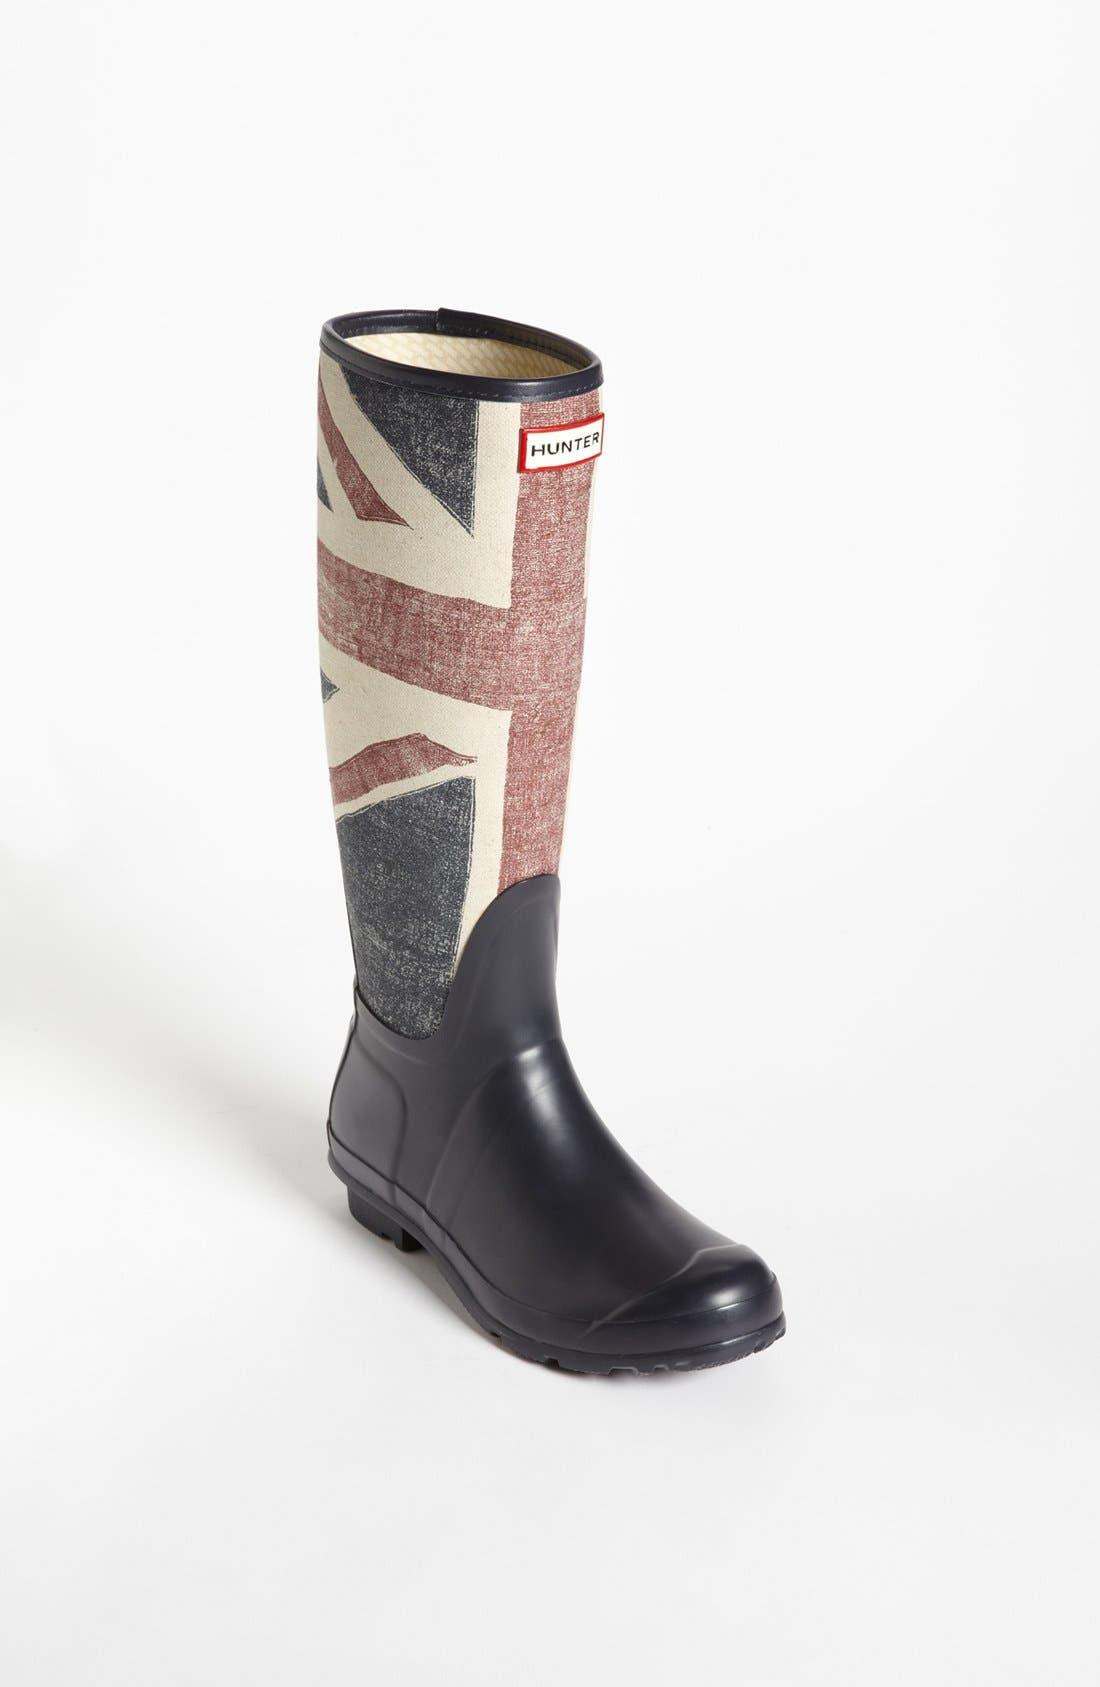 Alternate Image 1 Selected - Hunter 'Original British' Rain Boot (Women)